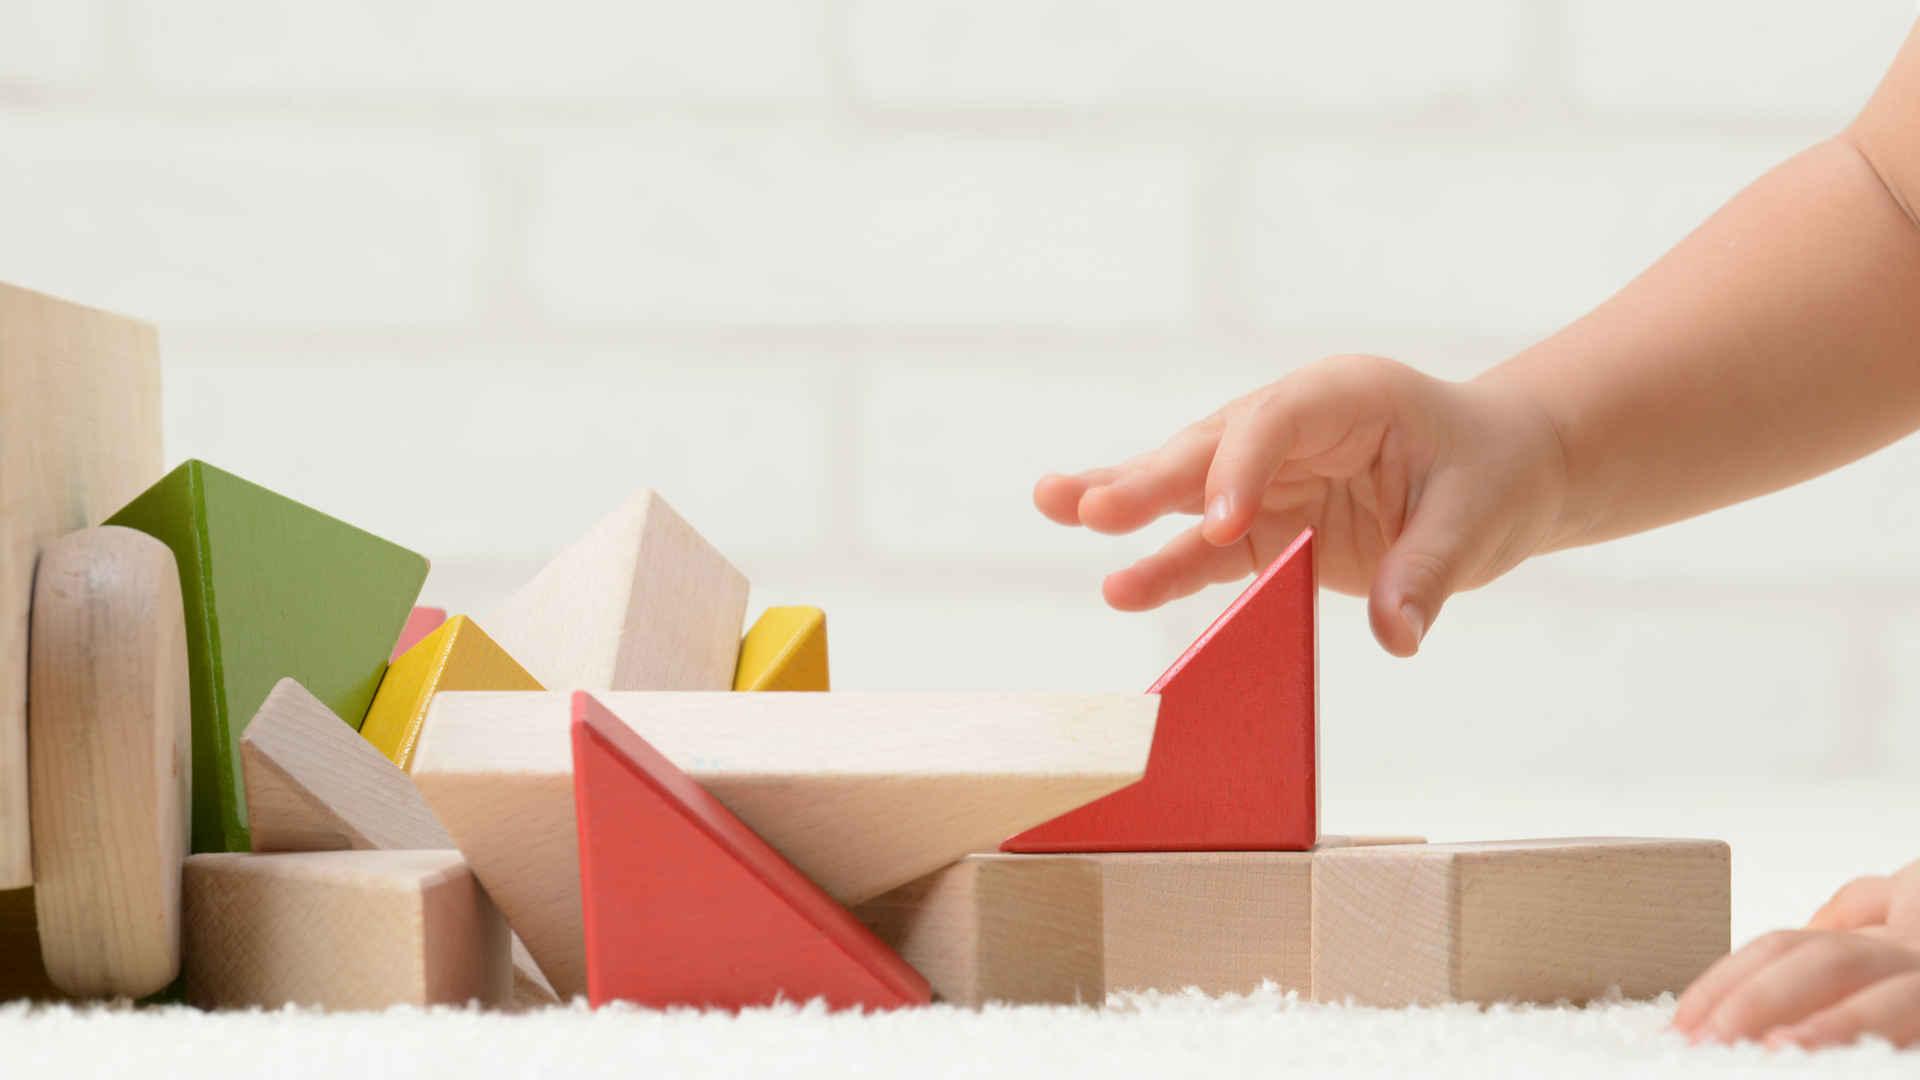 Bambino che gioca con Building Blocks